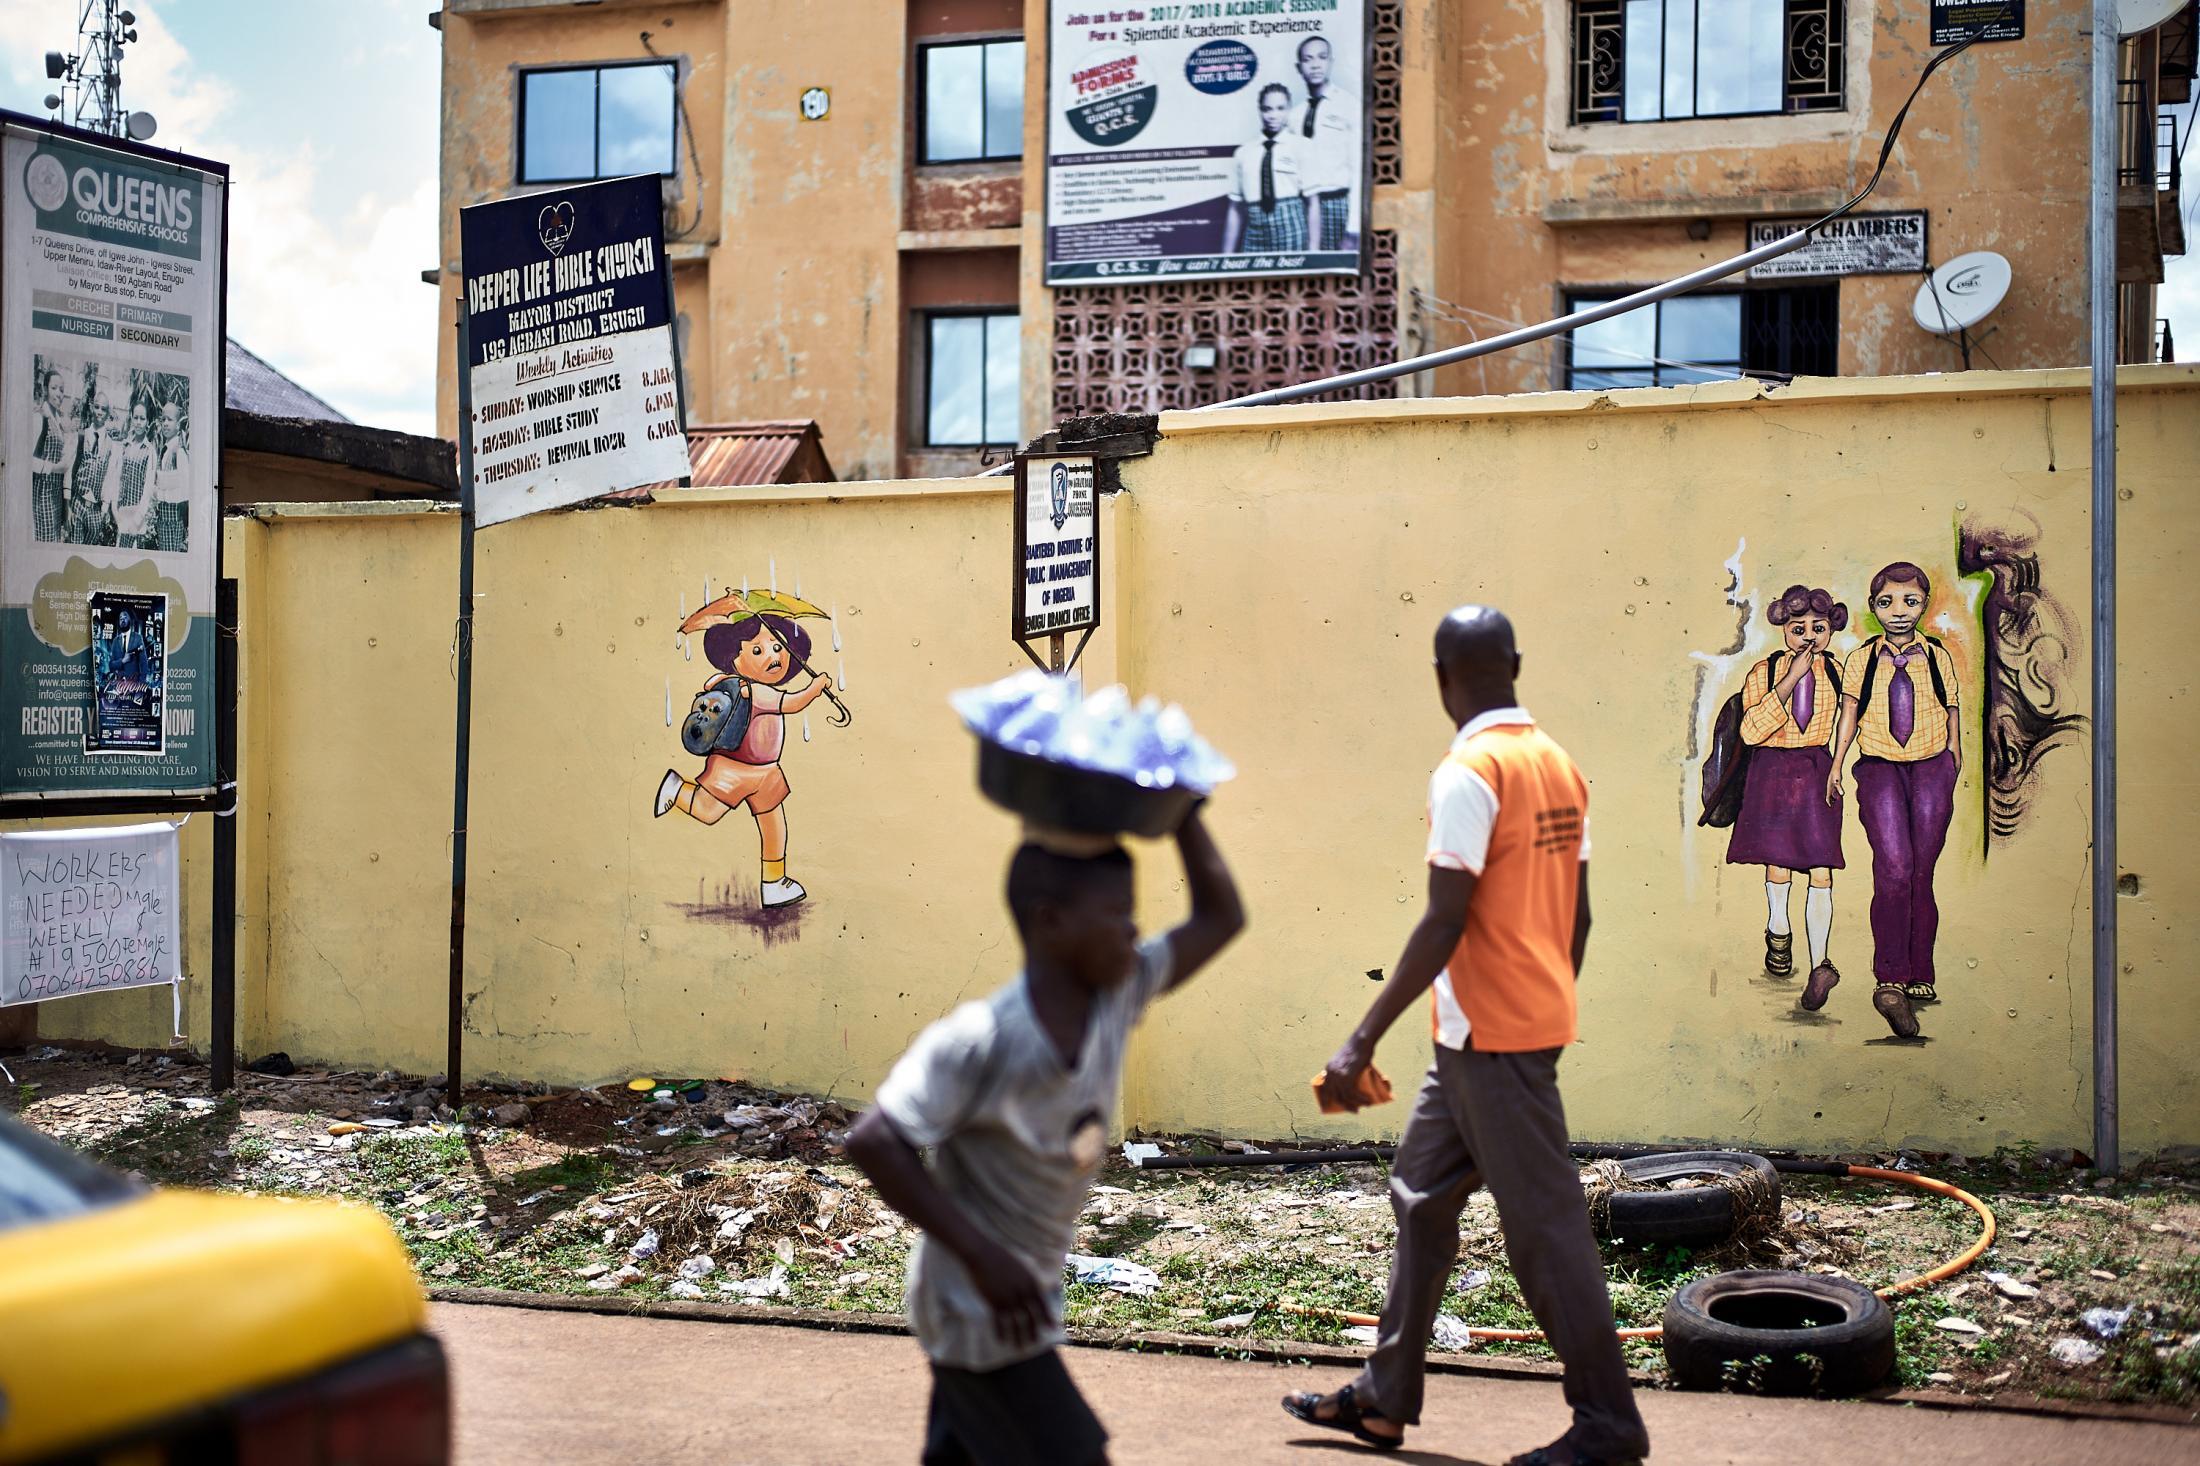 filth you see, stilths I see, enugu, nigeria.